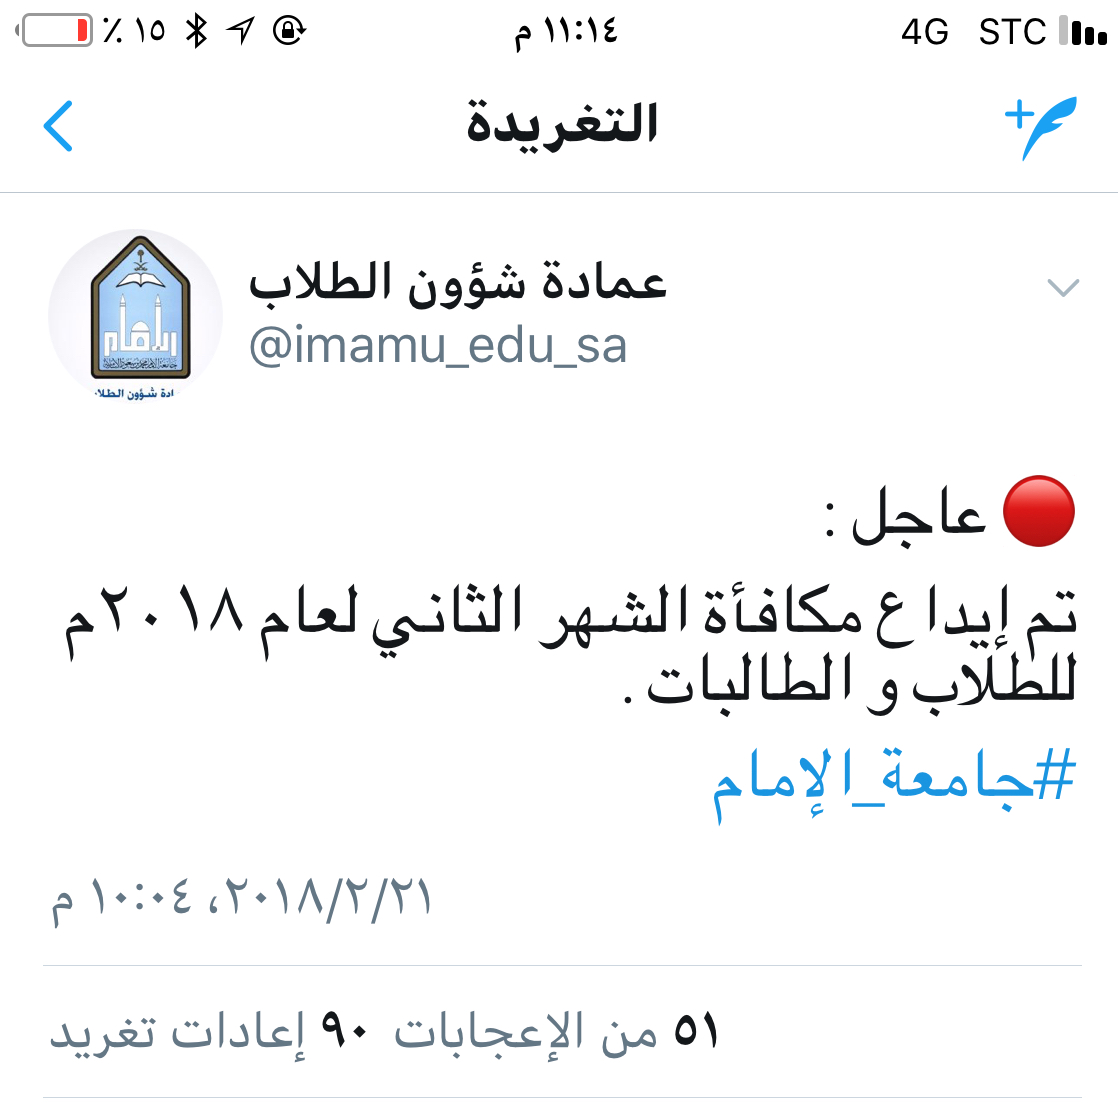 قبل موعدها.. إيداع مكافأة فبراير لطلاب وطالبات جامعة الإمام - المواطن